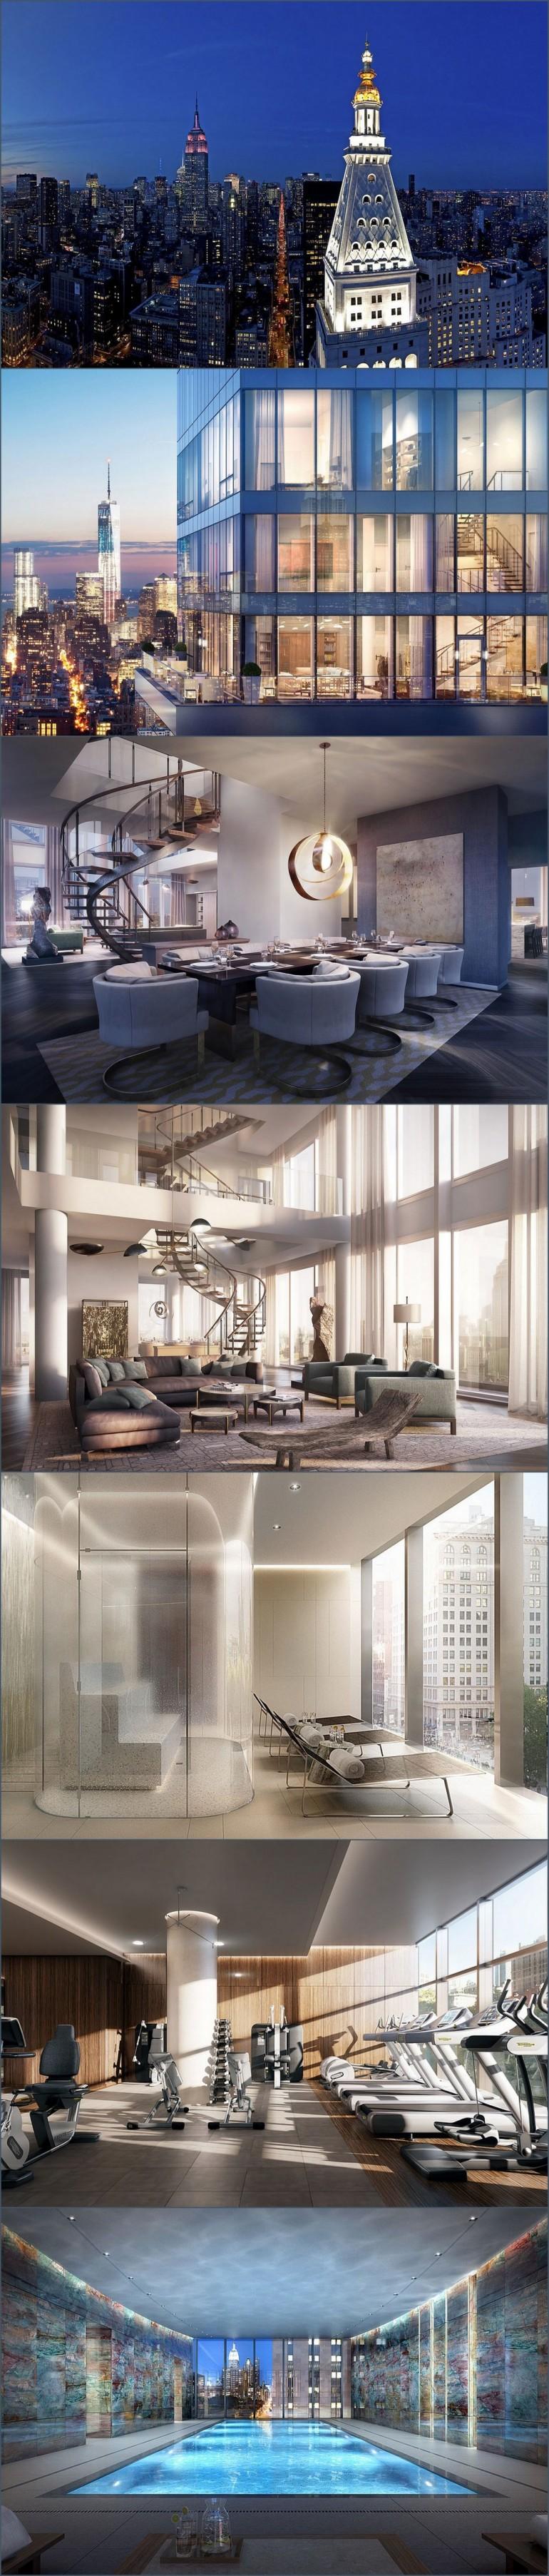 Rupert Mudroch's New – NY Penthouse — Style Estate